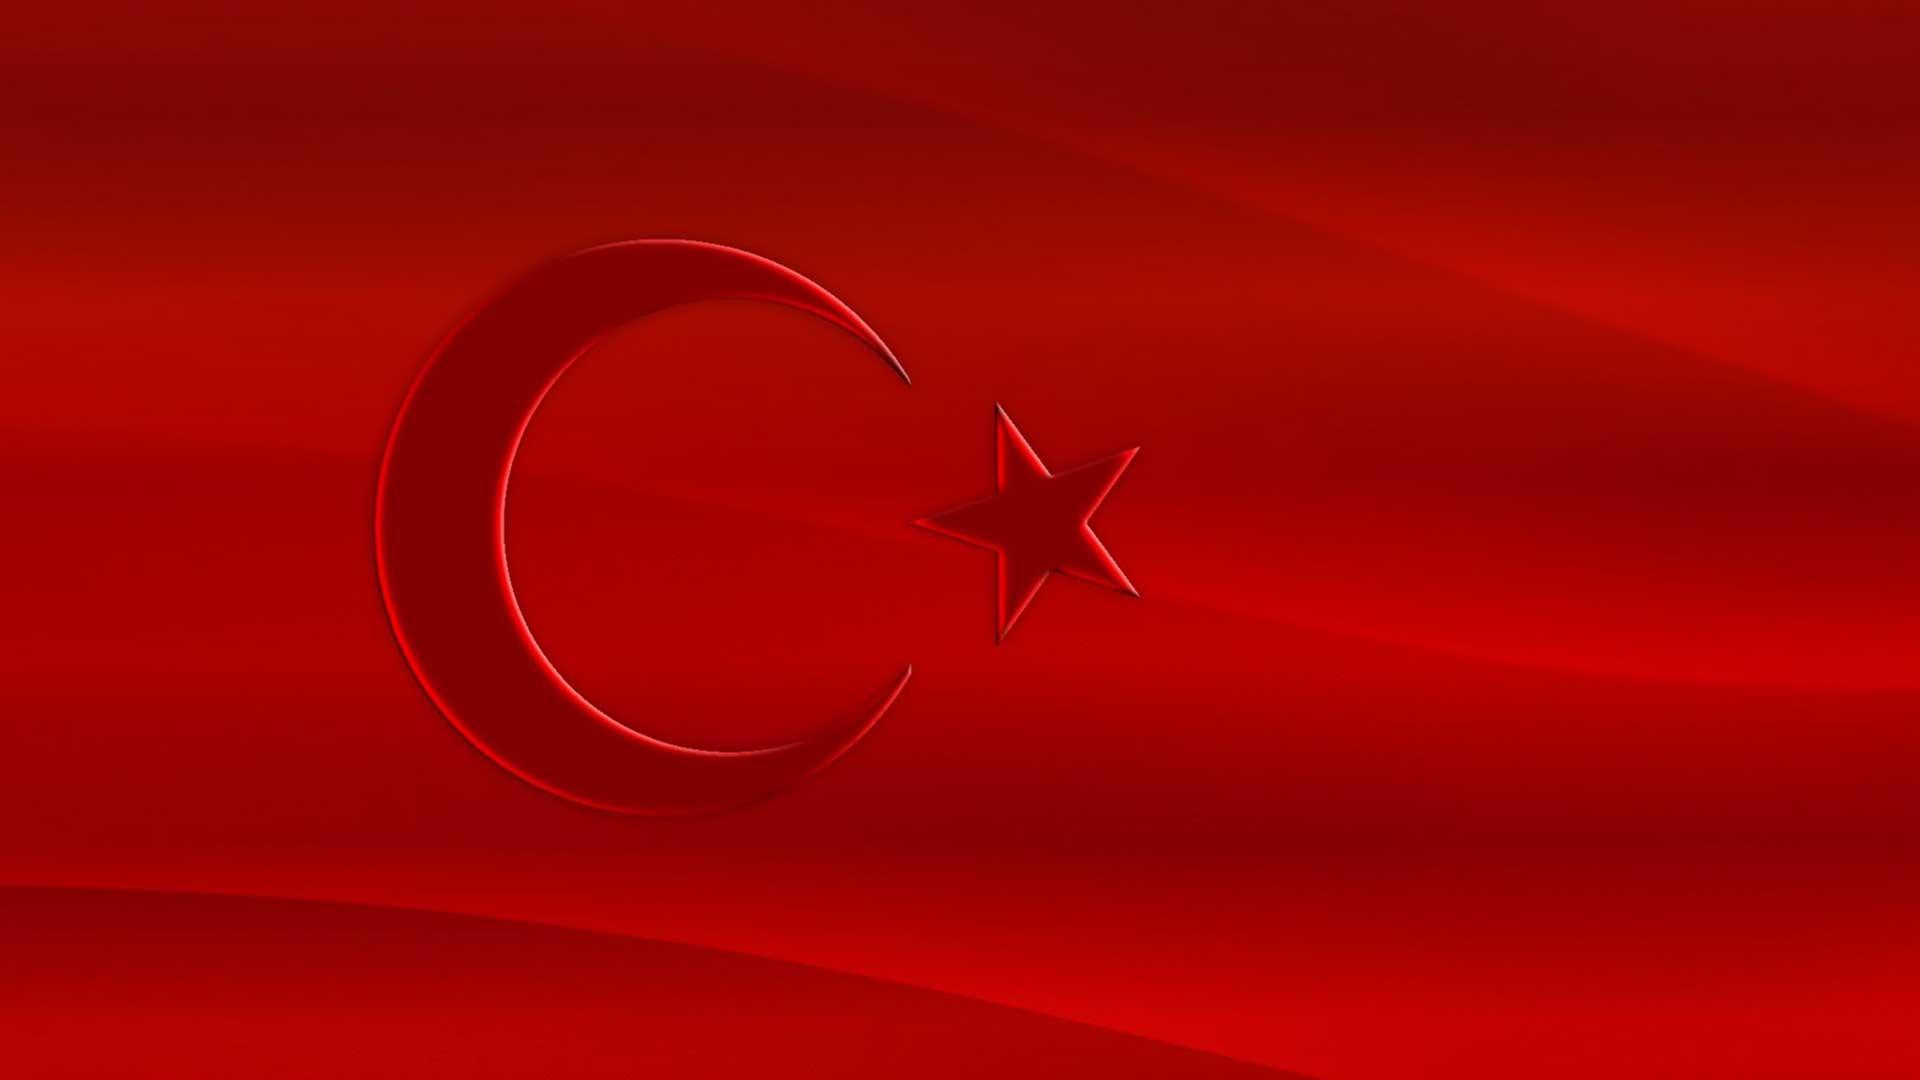 Full Hd Türk Bayrağı Masaüstü Resimleri Blog Genel Bilgi